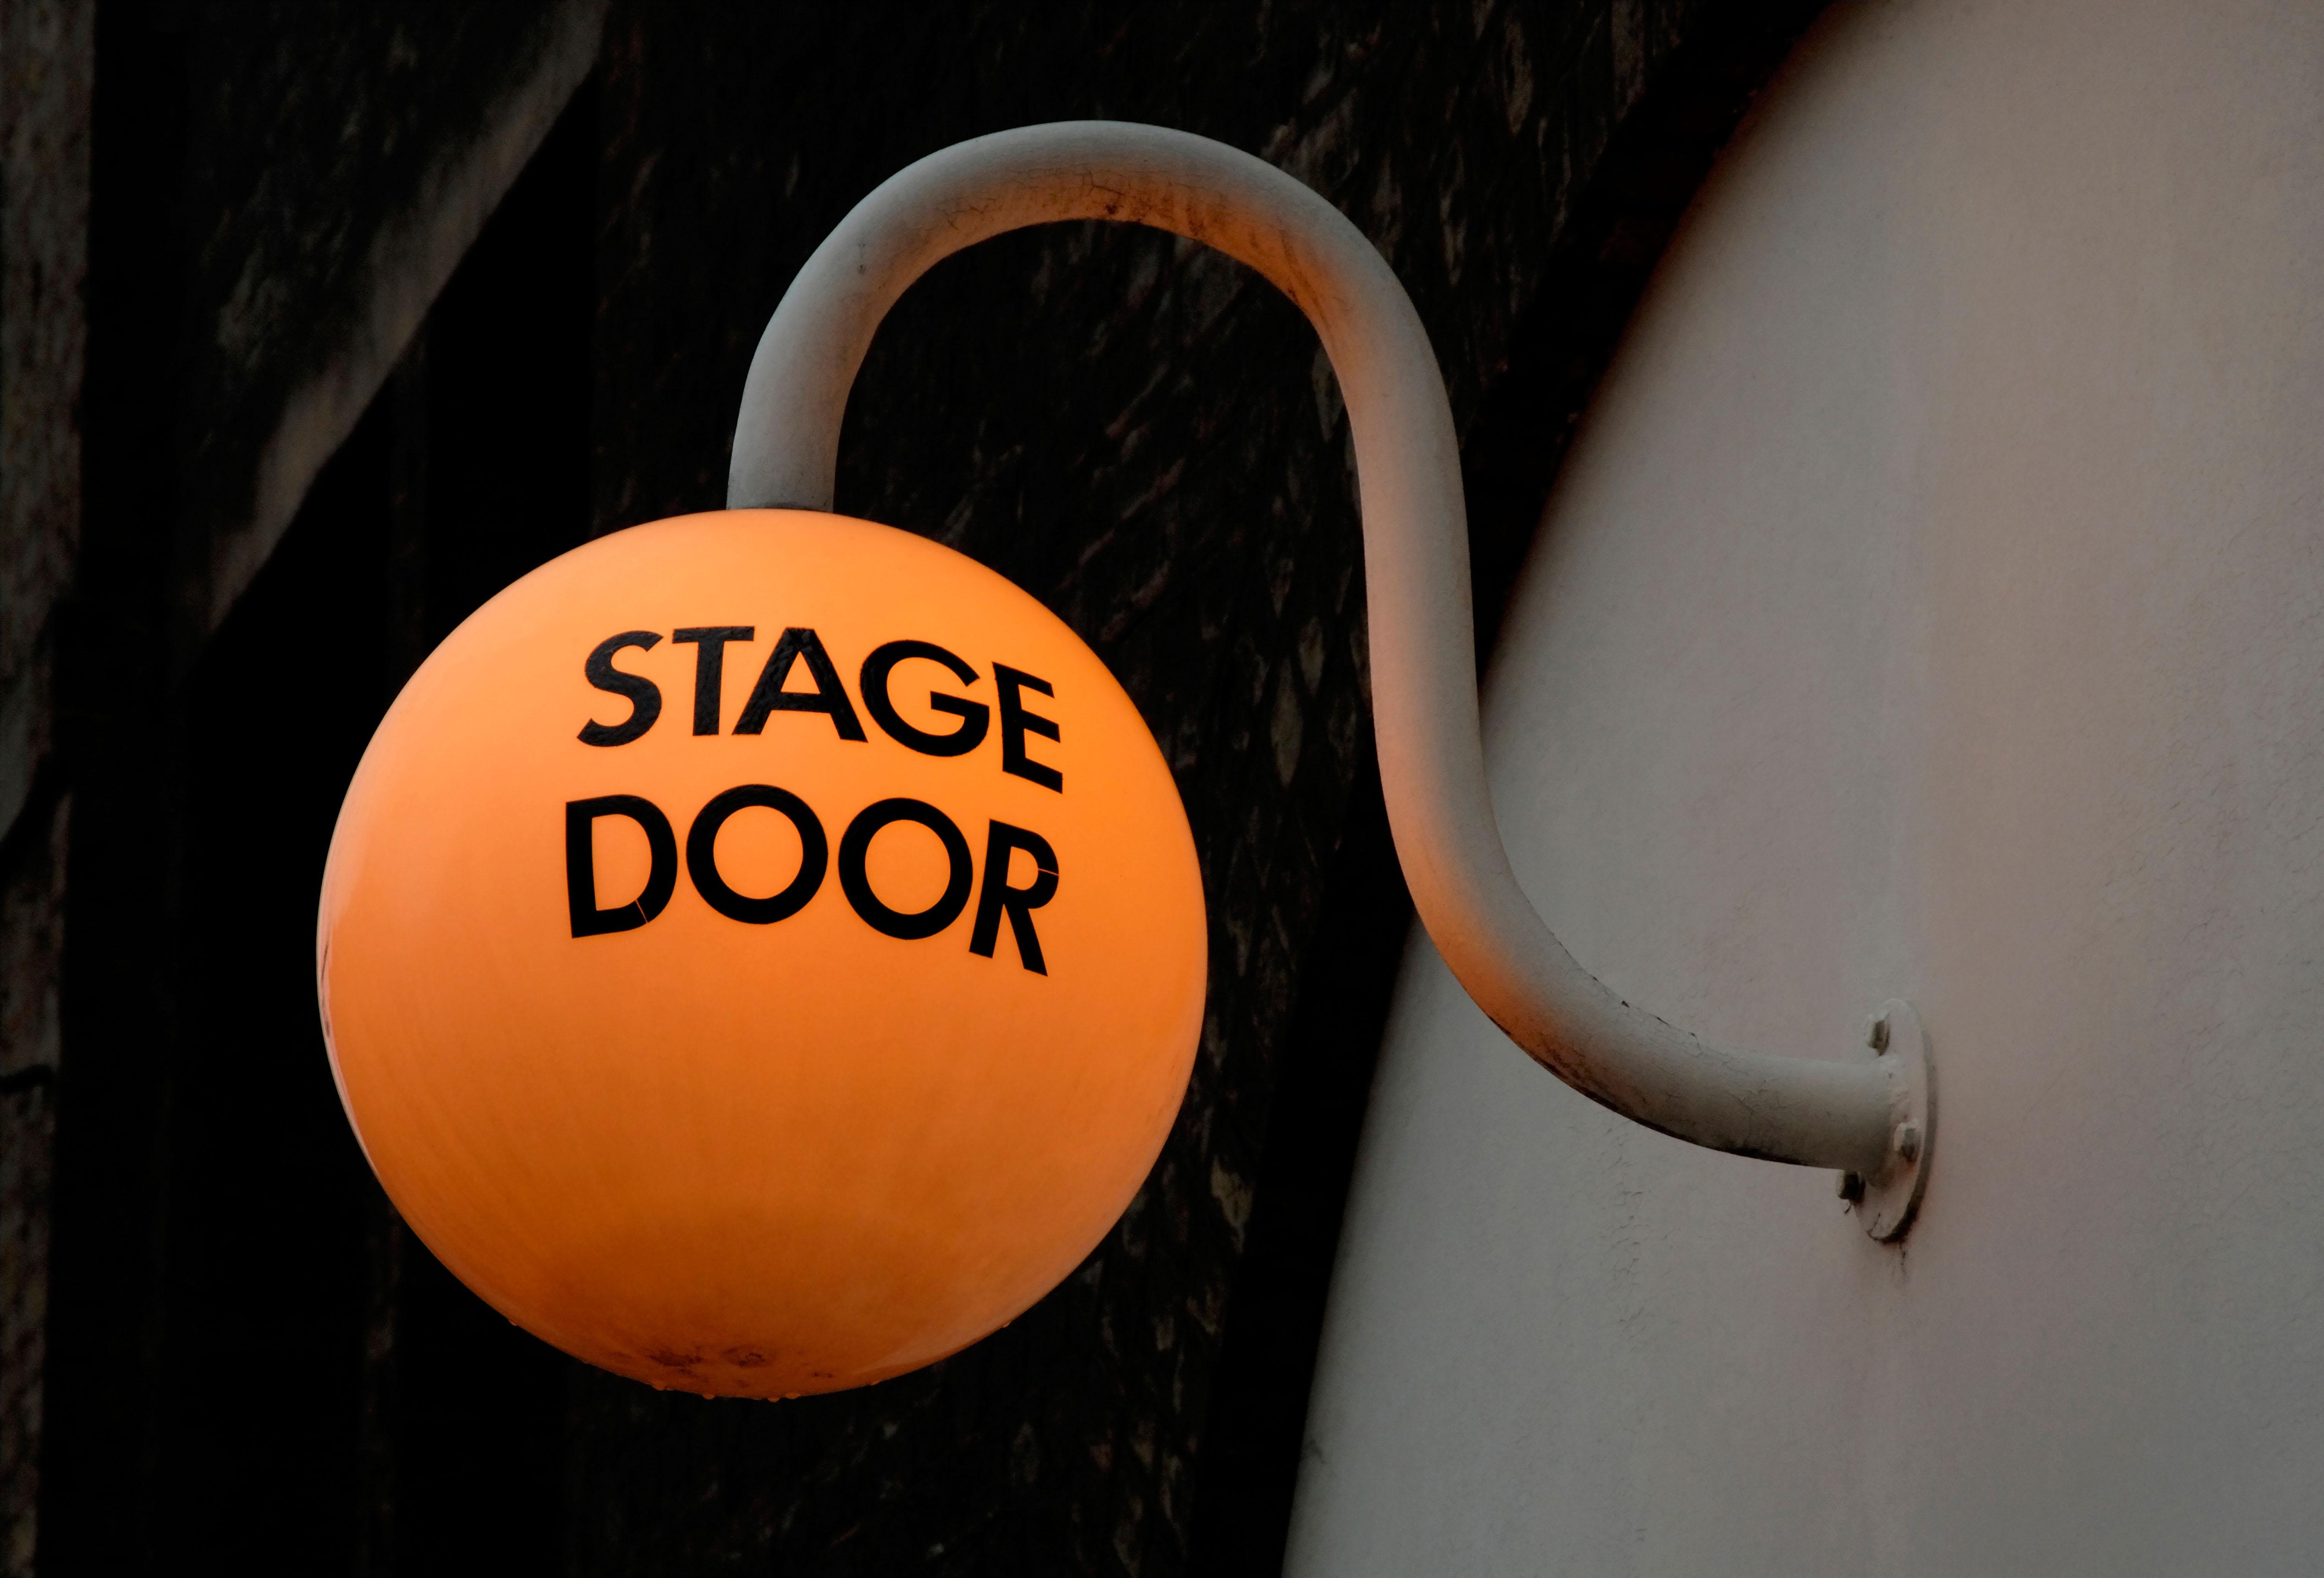 stage door AY56RH